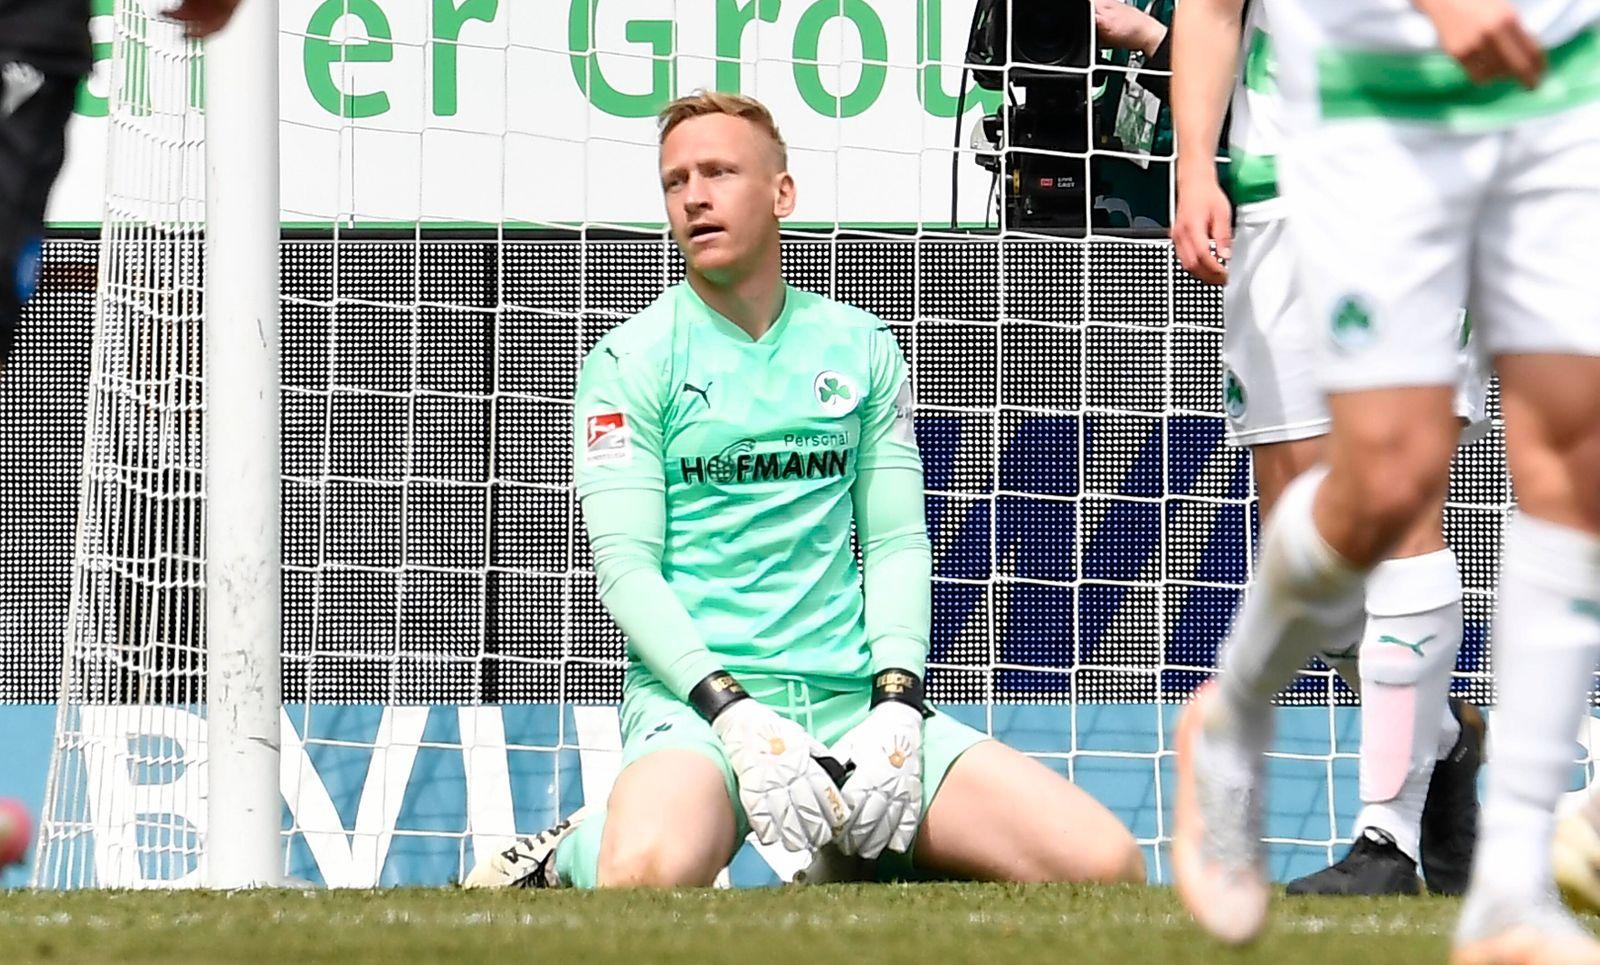 08.05.2021 - Fussball - Saison 2019 2020 - 2. Fussball - Bundesliga - 31. Spieltag: SpVgg Greuther Fürth ( Kleeblatt )